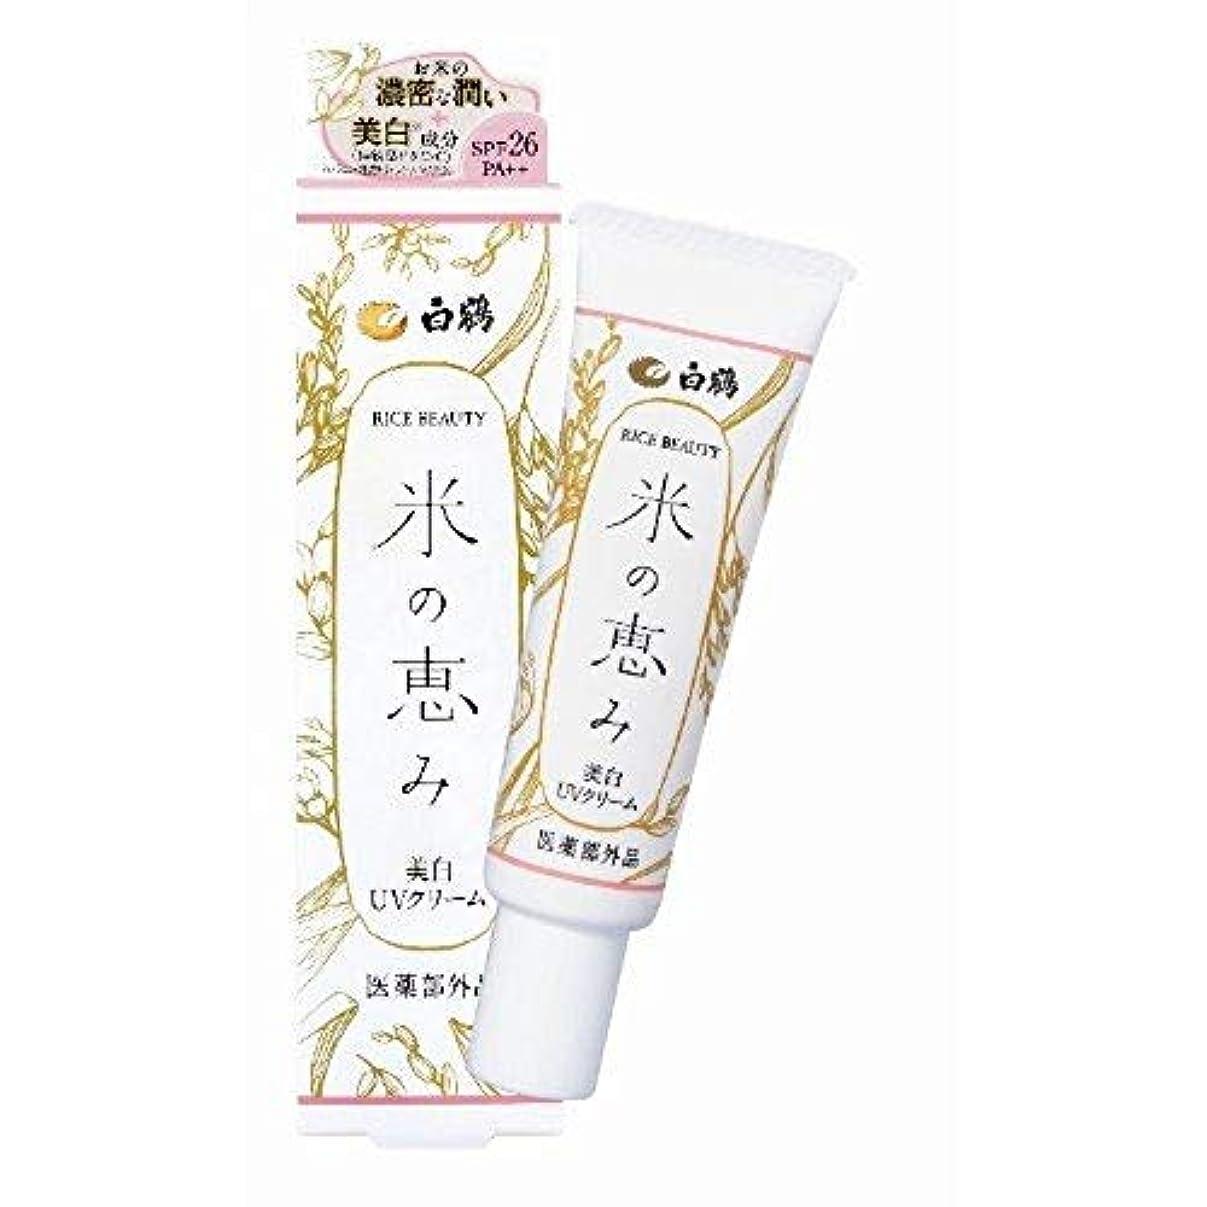 ホイール空洞手当白鶴 ライスビューティー 米の恵み 美白UVクリーム 30g SPF26/PA++ (日焼け止め/医薬部外品)